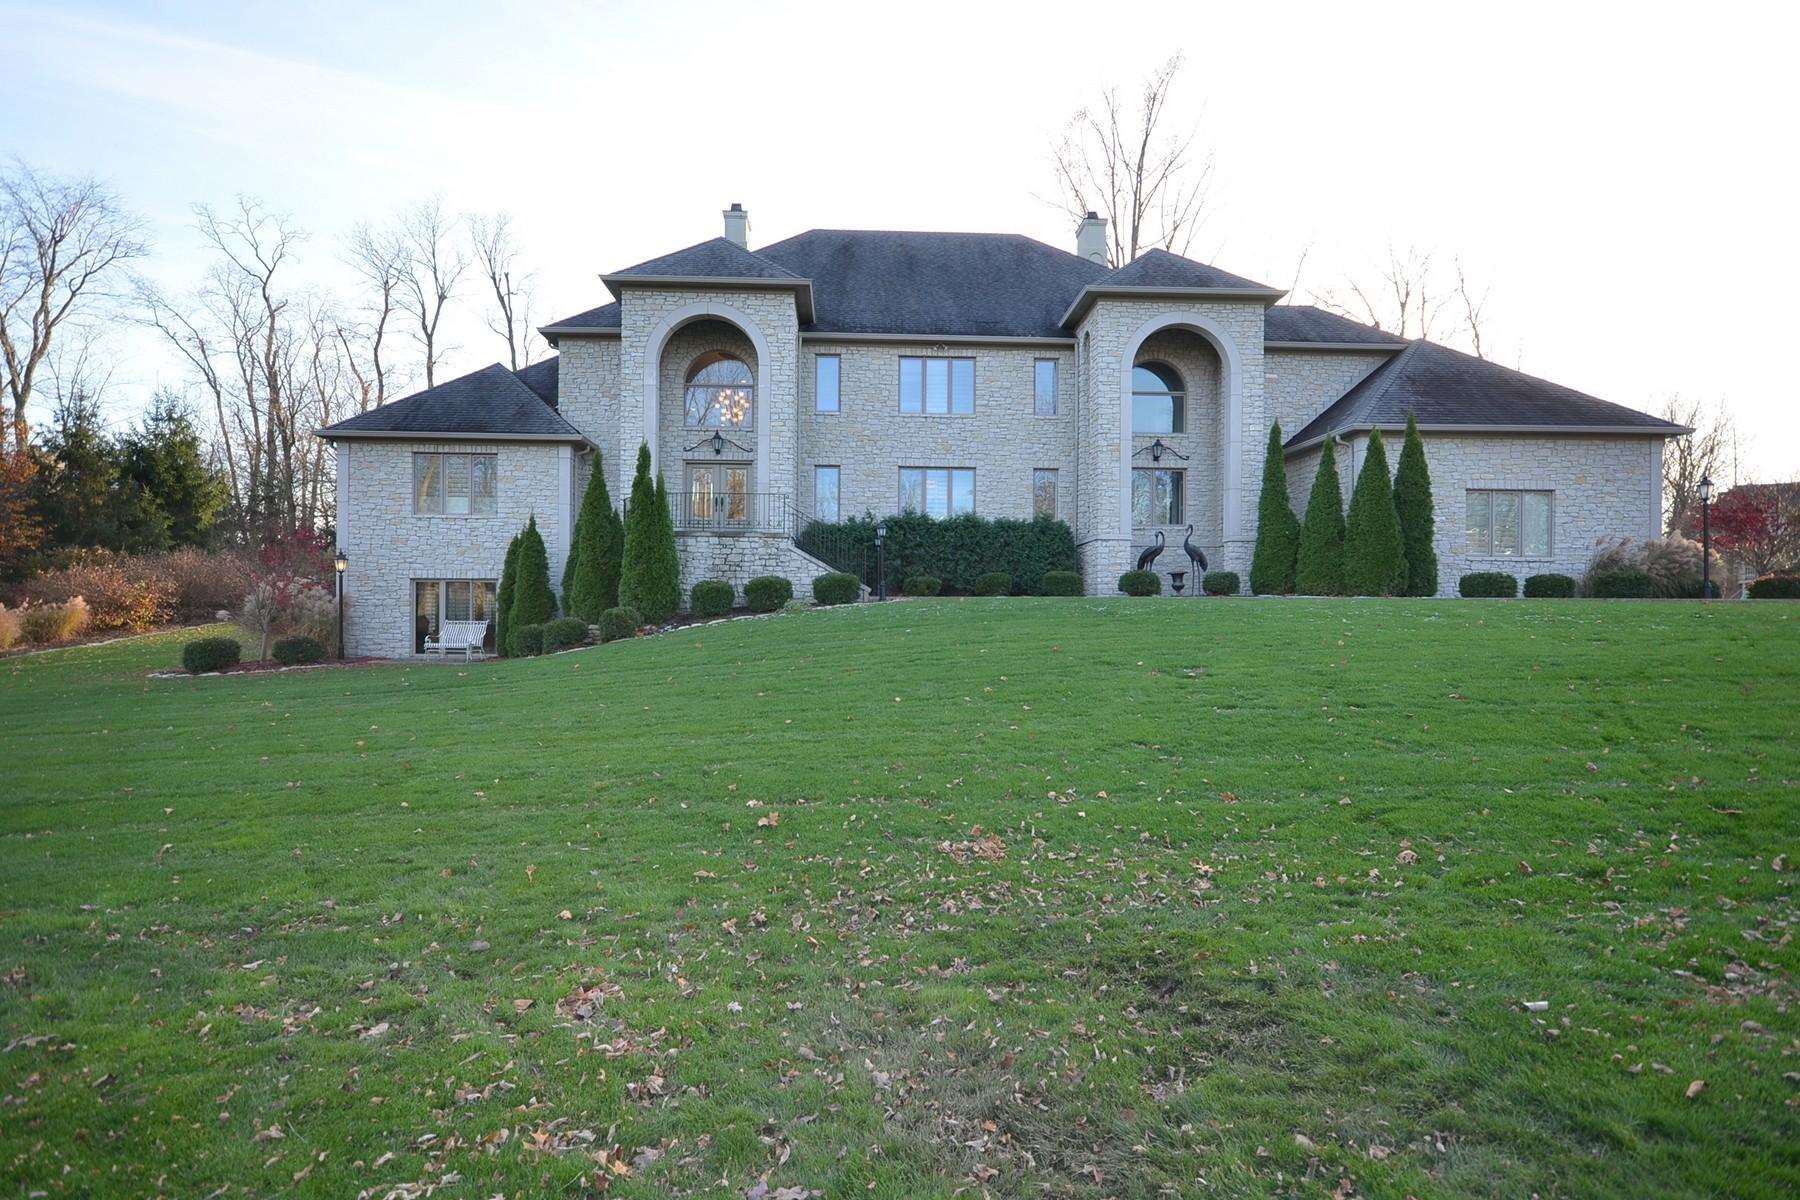 Maison unifamiliale pour l Vente à Incredible Home on 1.42 Acres 410 Breakwater Drive Fishers, Indiana, 46037 États-Unis